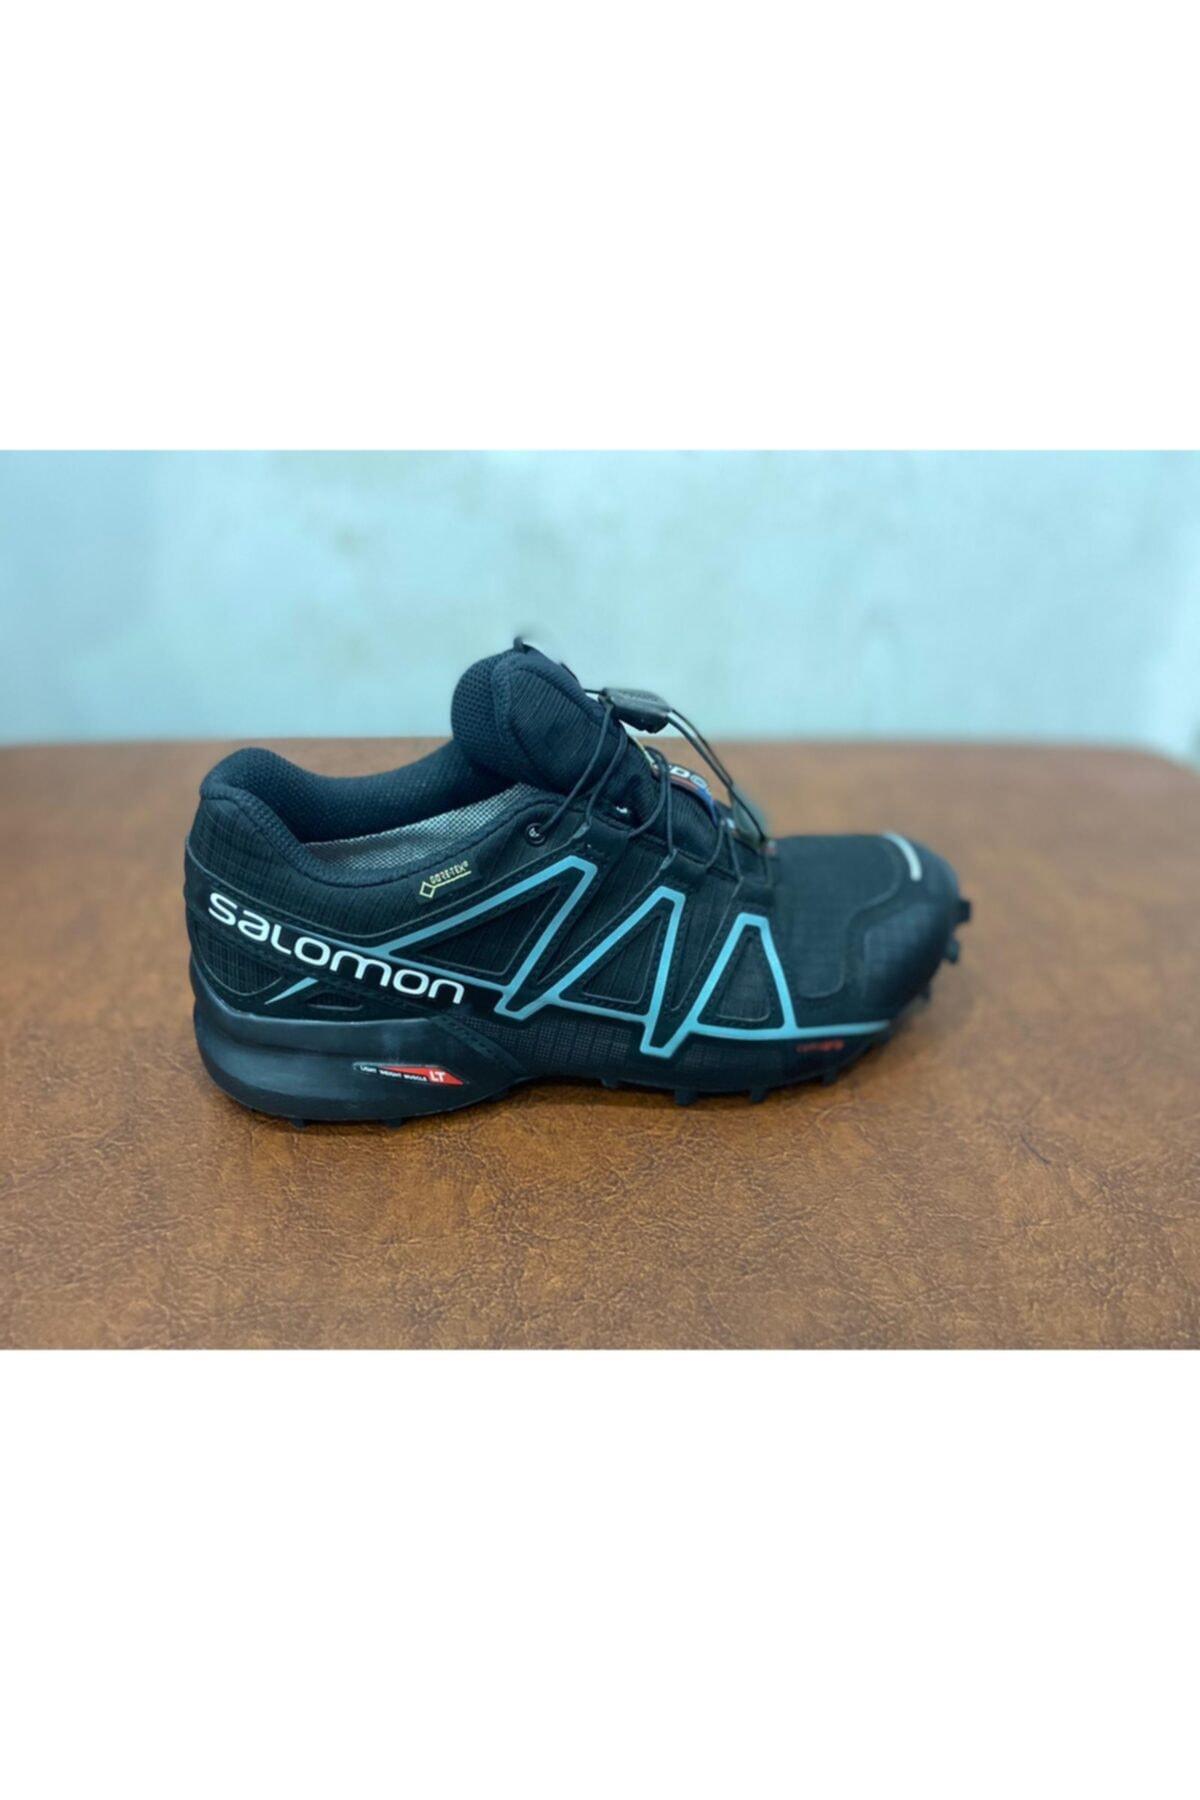 Salomon Kadın Outdoor Ayakkabısı 1